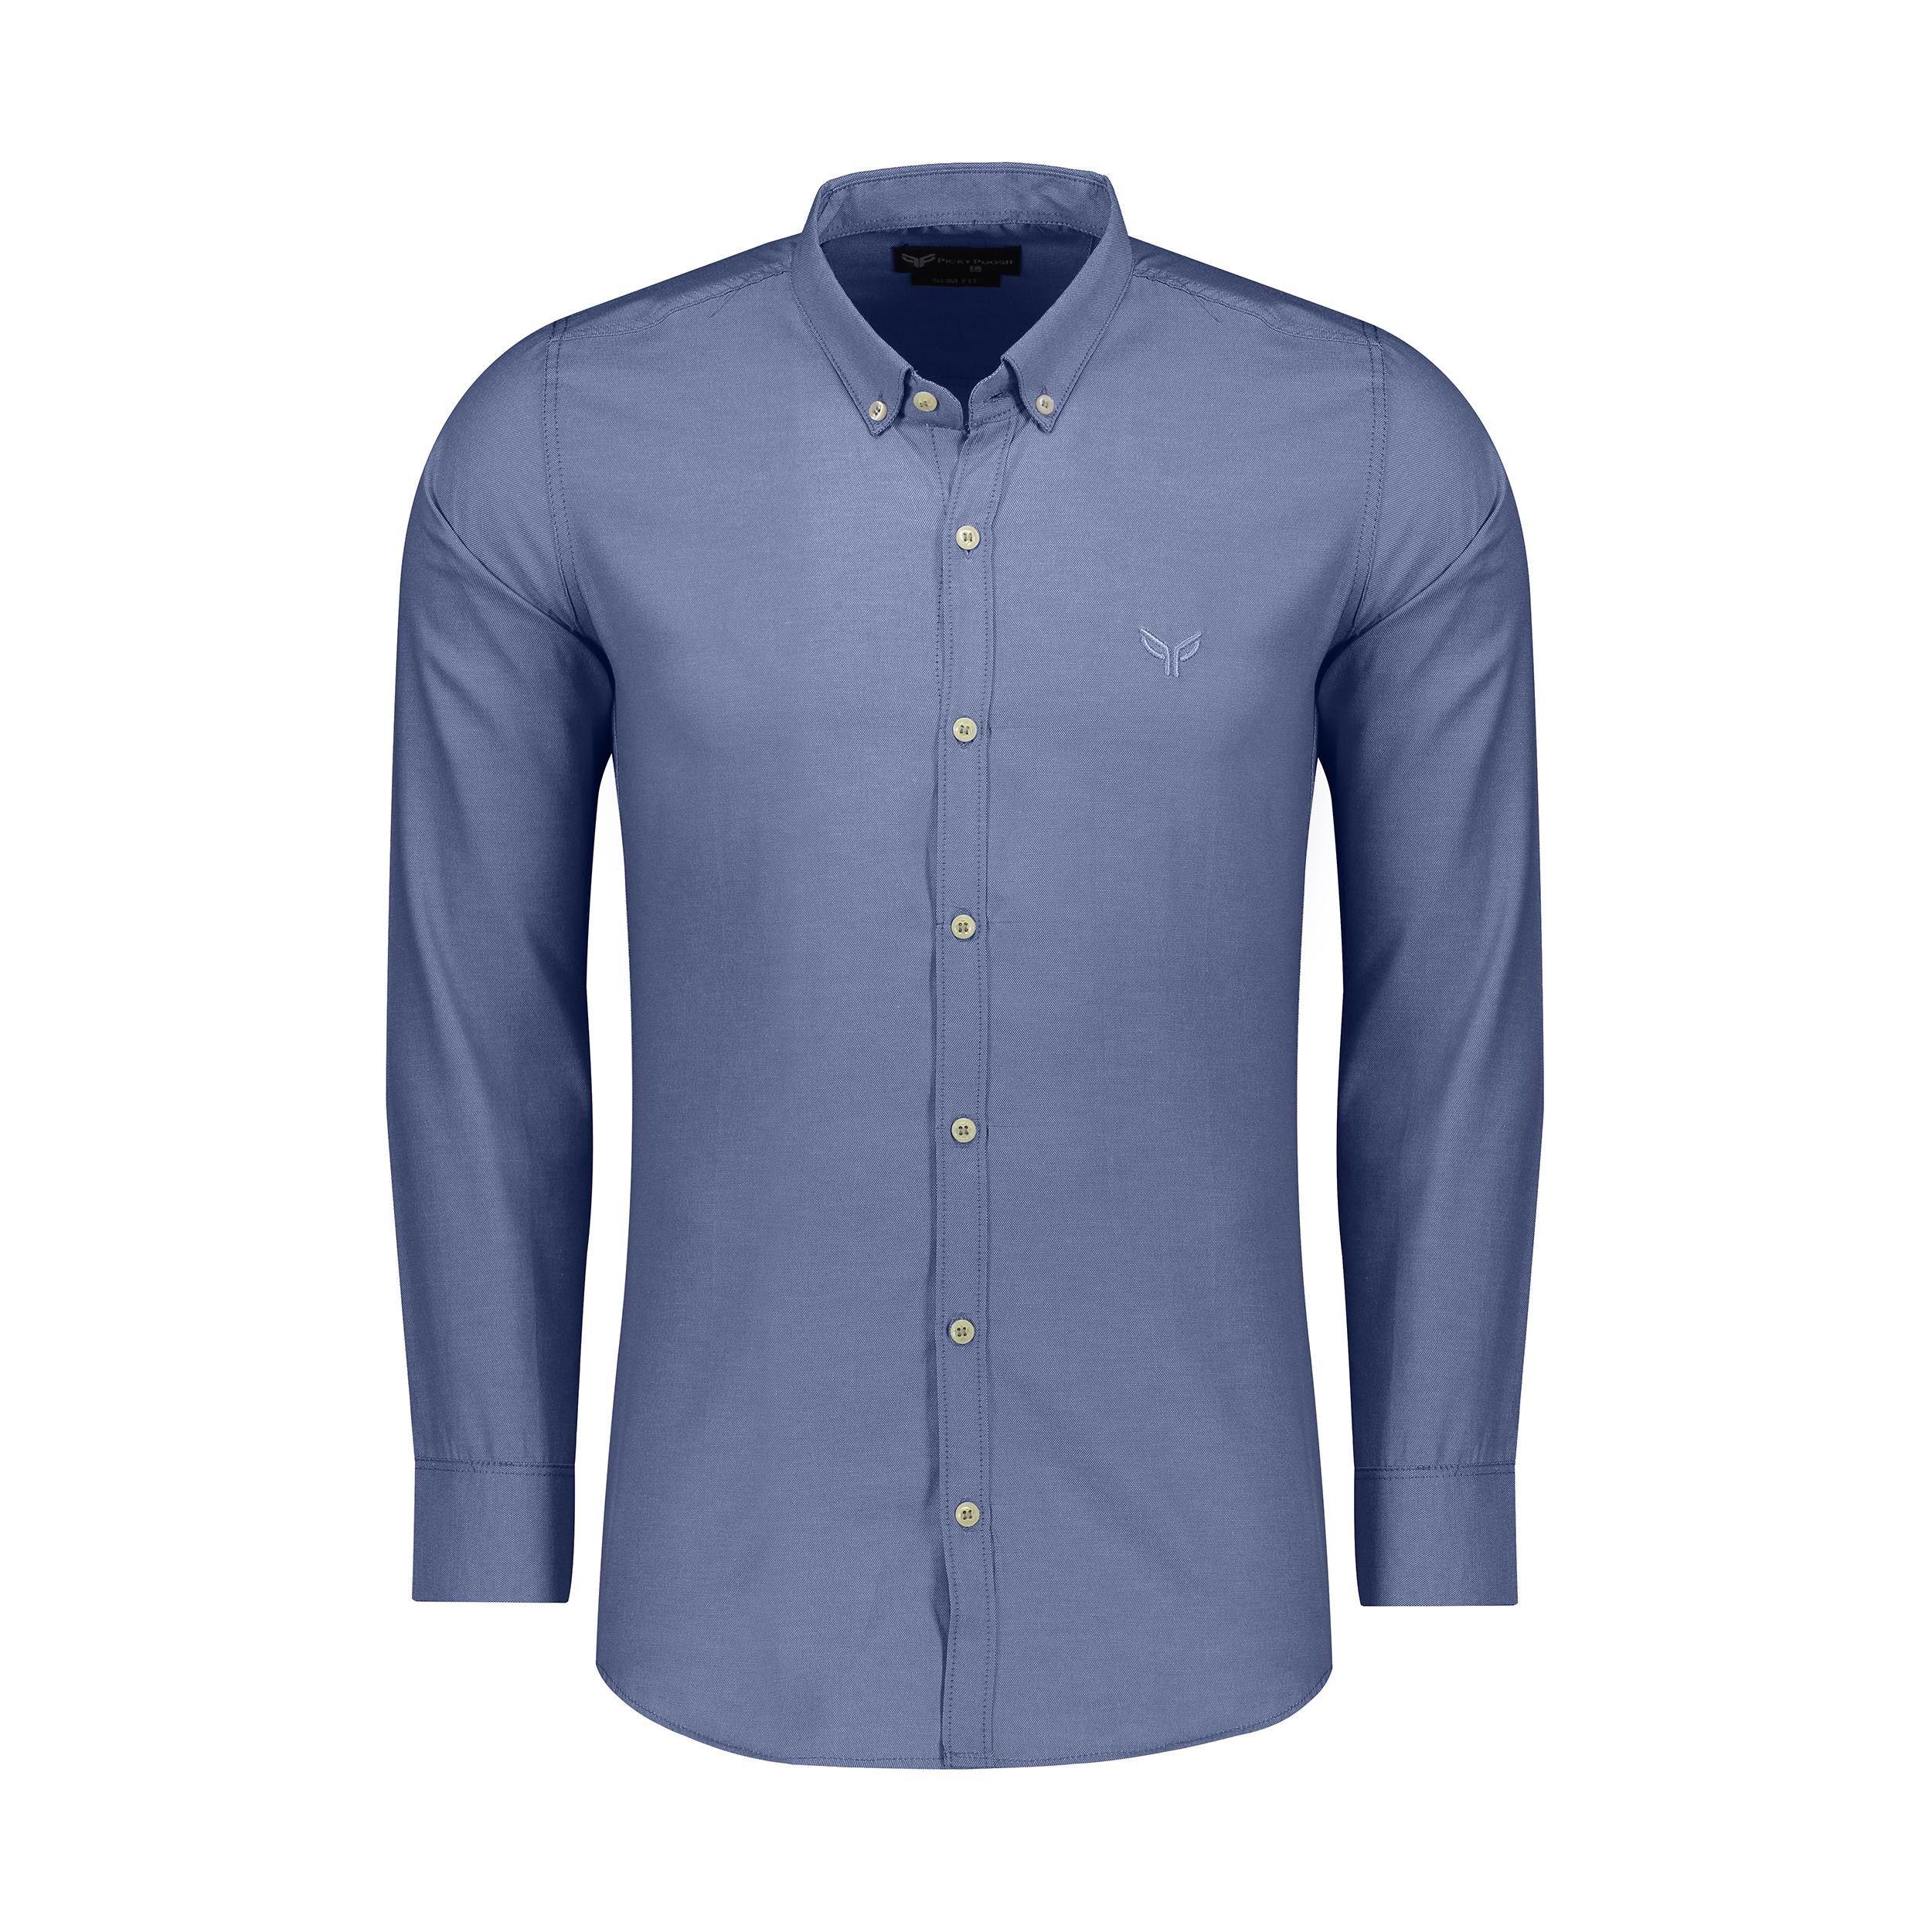 پیراهن مردانه پیکی پوش مدل M02343